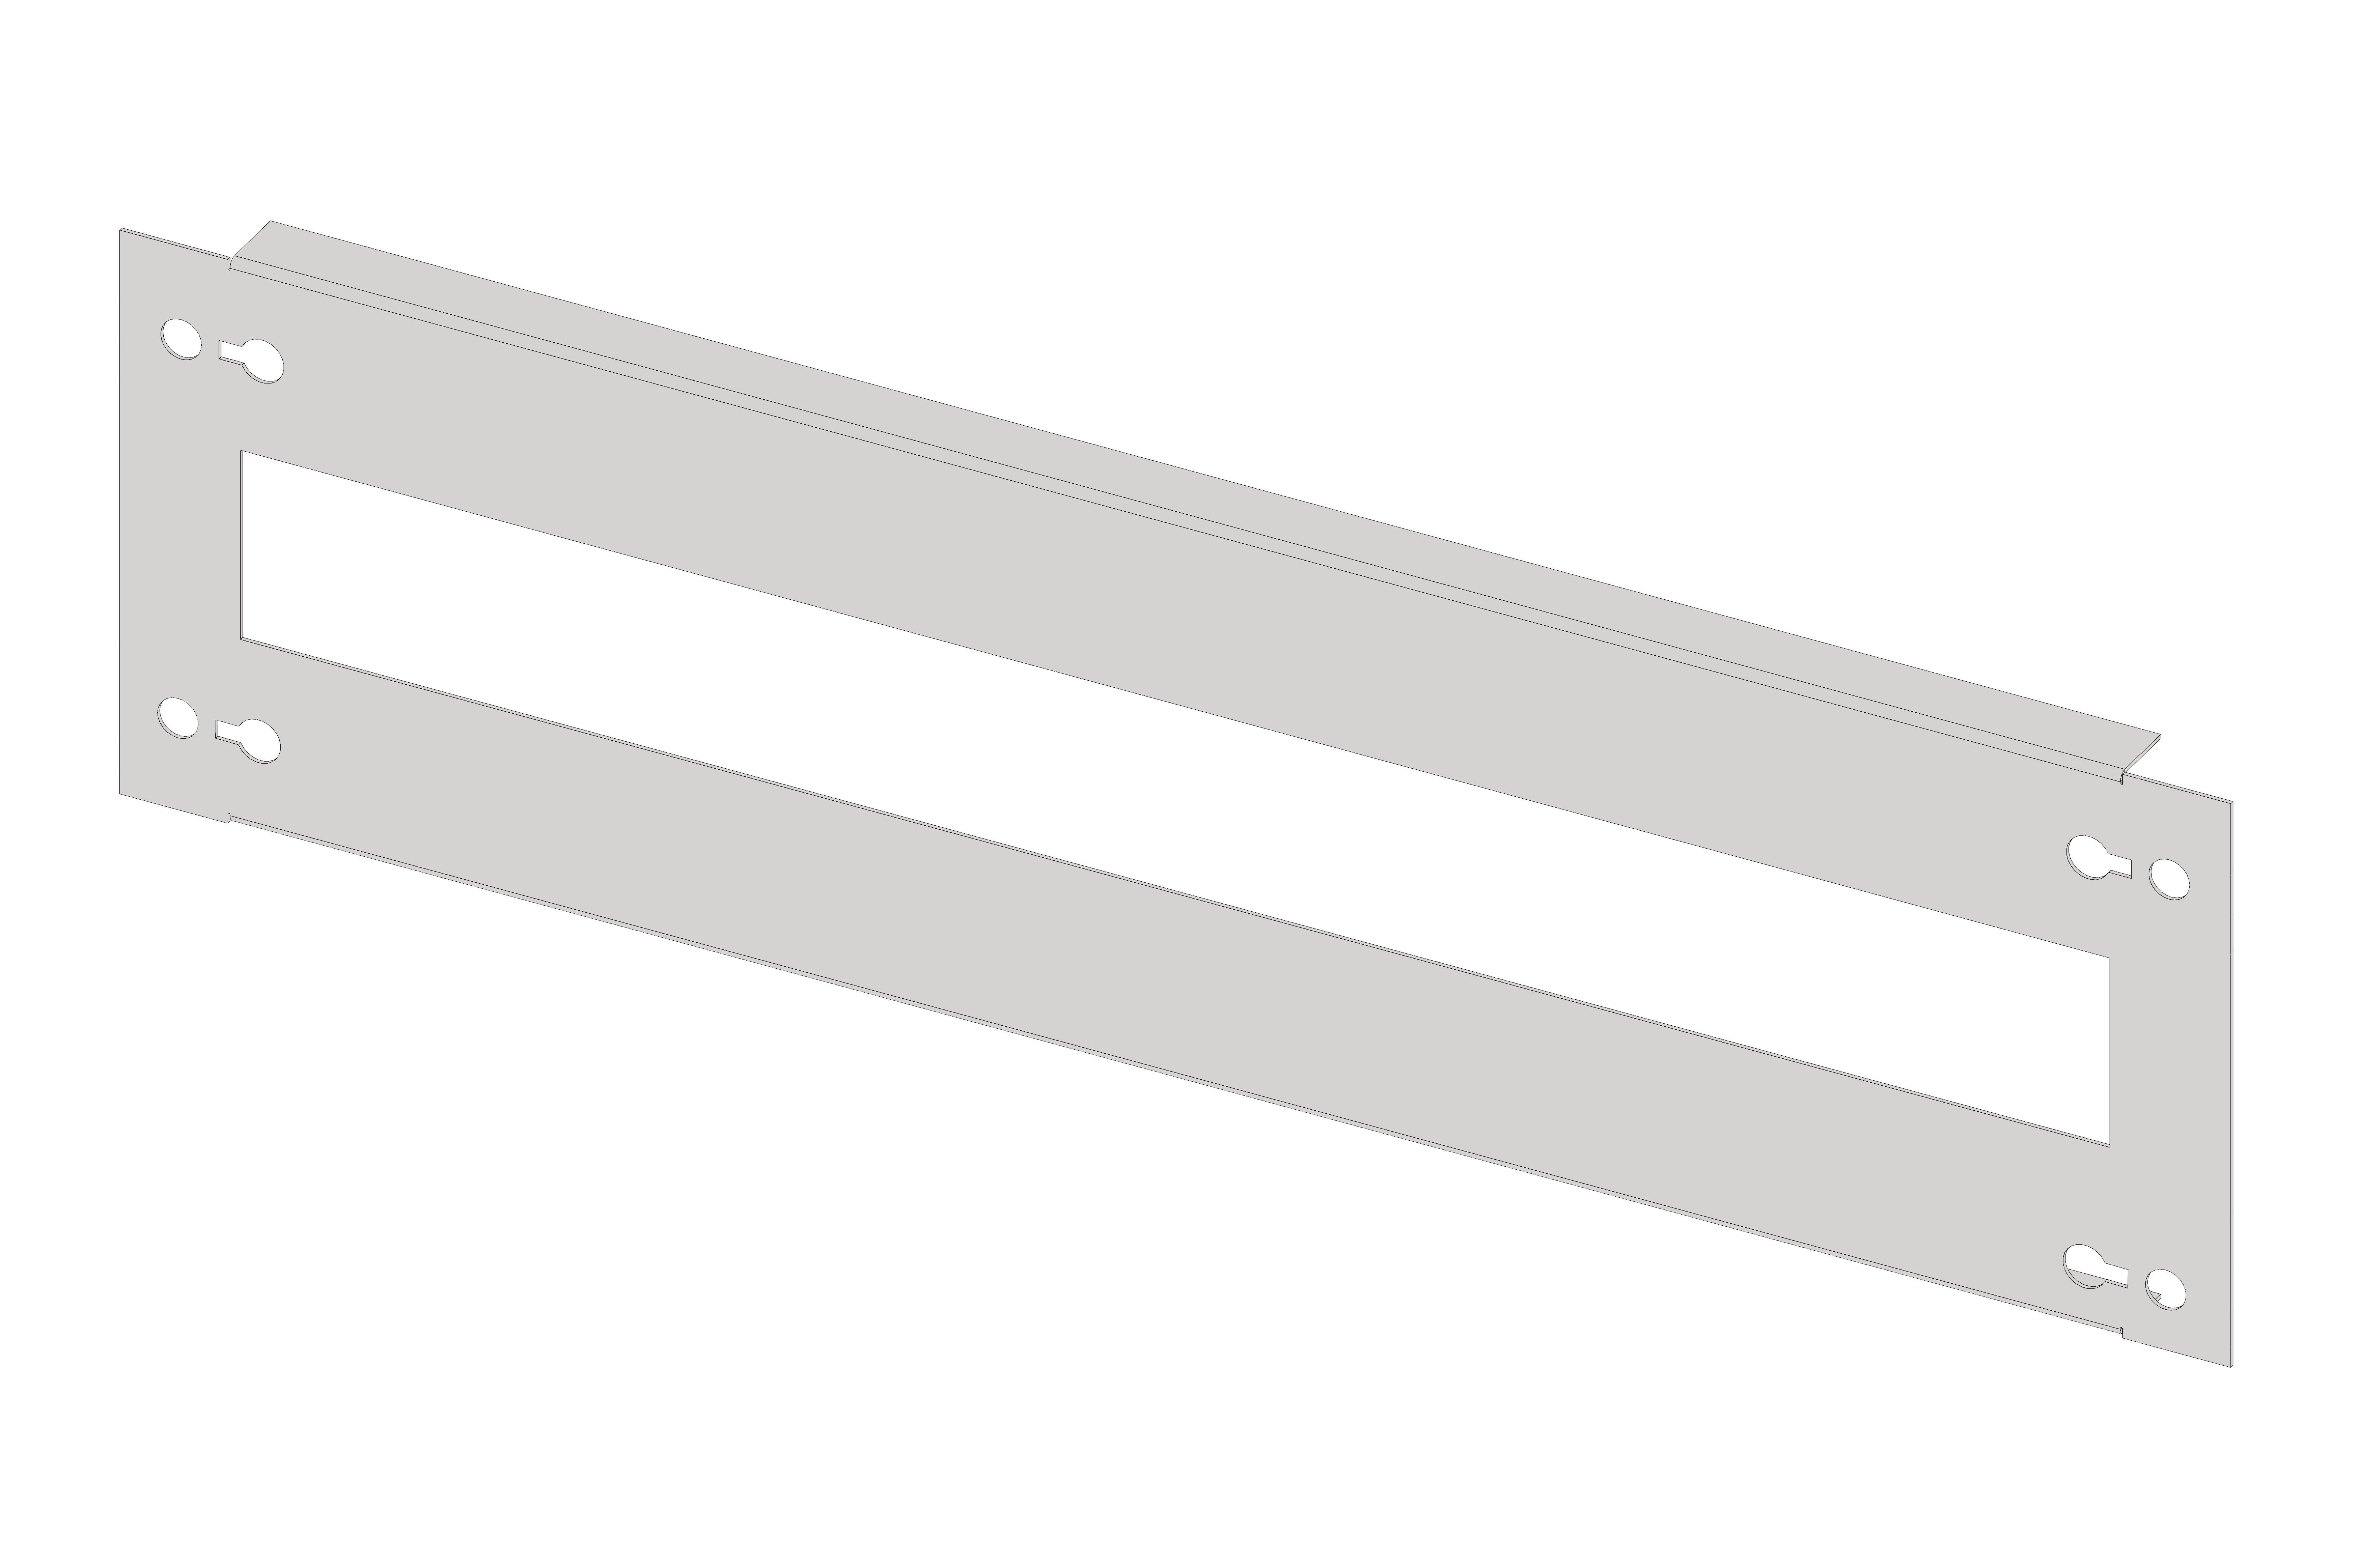 1 Stk Gerätefrontplatte 2G3 Stahlblech, Ausschnitt lang IL052203-H